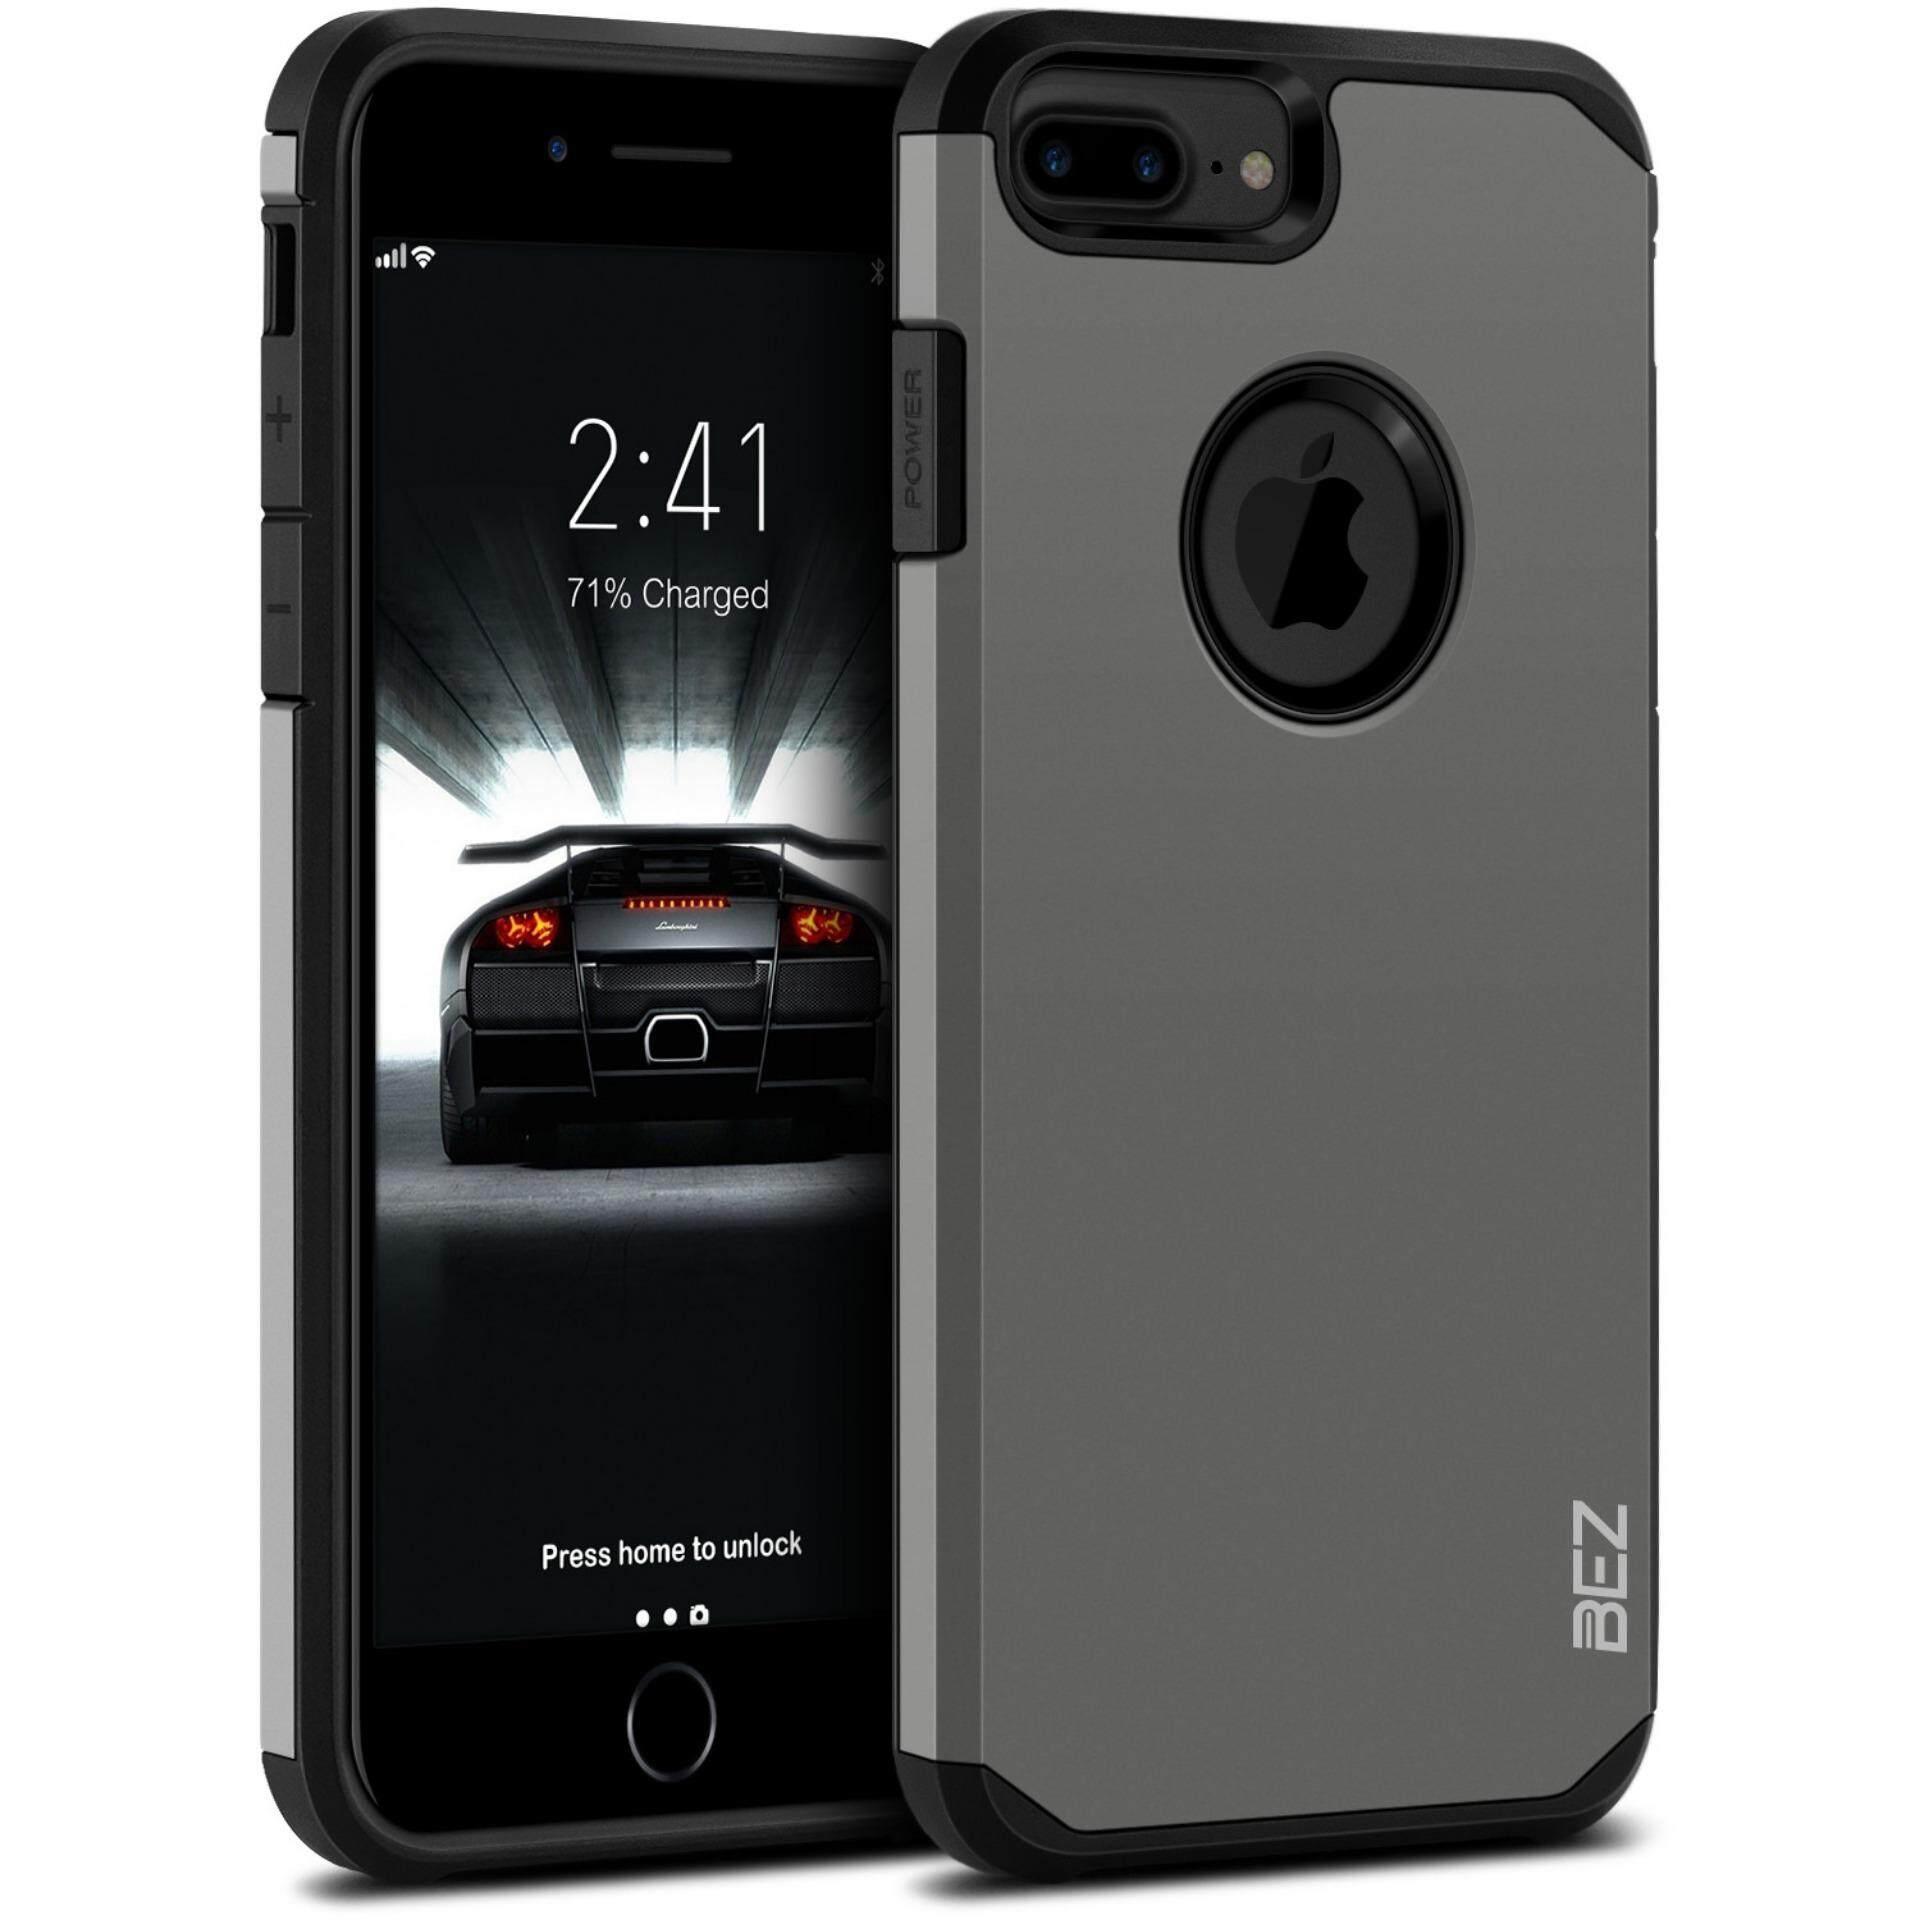 เคส iPhone 7 plus, iPhone 8 plus เคสไอโฟน 7+ 8+ case iphone 7 Plus 8 Plus BEZ เคสมือถือ เคส ไอโฟน เคสฝาหลัง กันกระแทกShockproof Case Dual Layer Tough Cover for iPhone 7 plus, iPhone 8 plus // H2-7GP